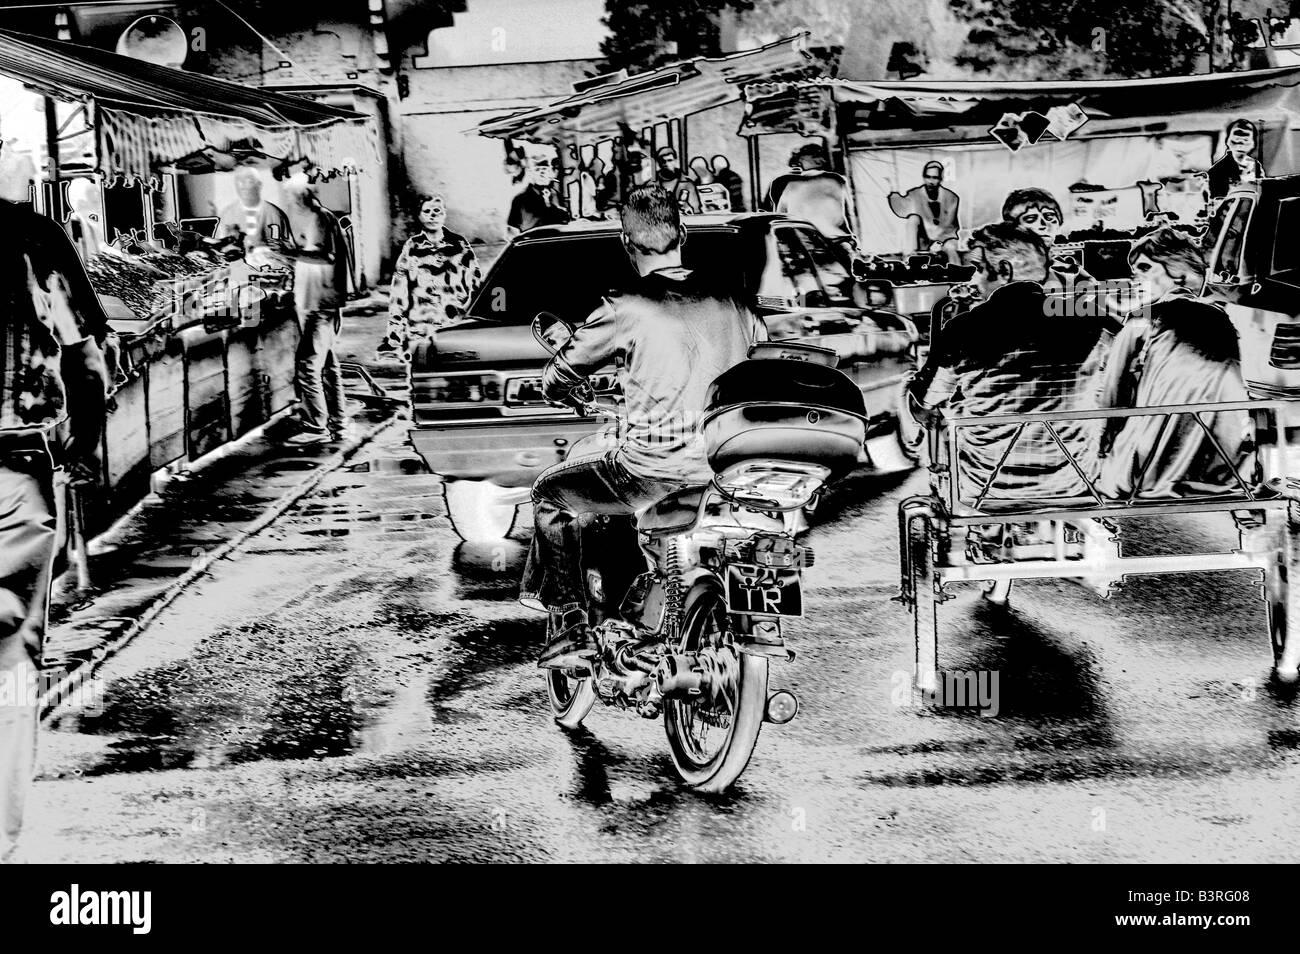 Street scene - market place - in Tyrana, Albania. Digitally altered. - Stock Image